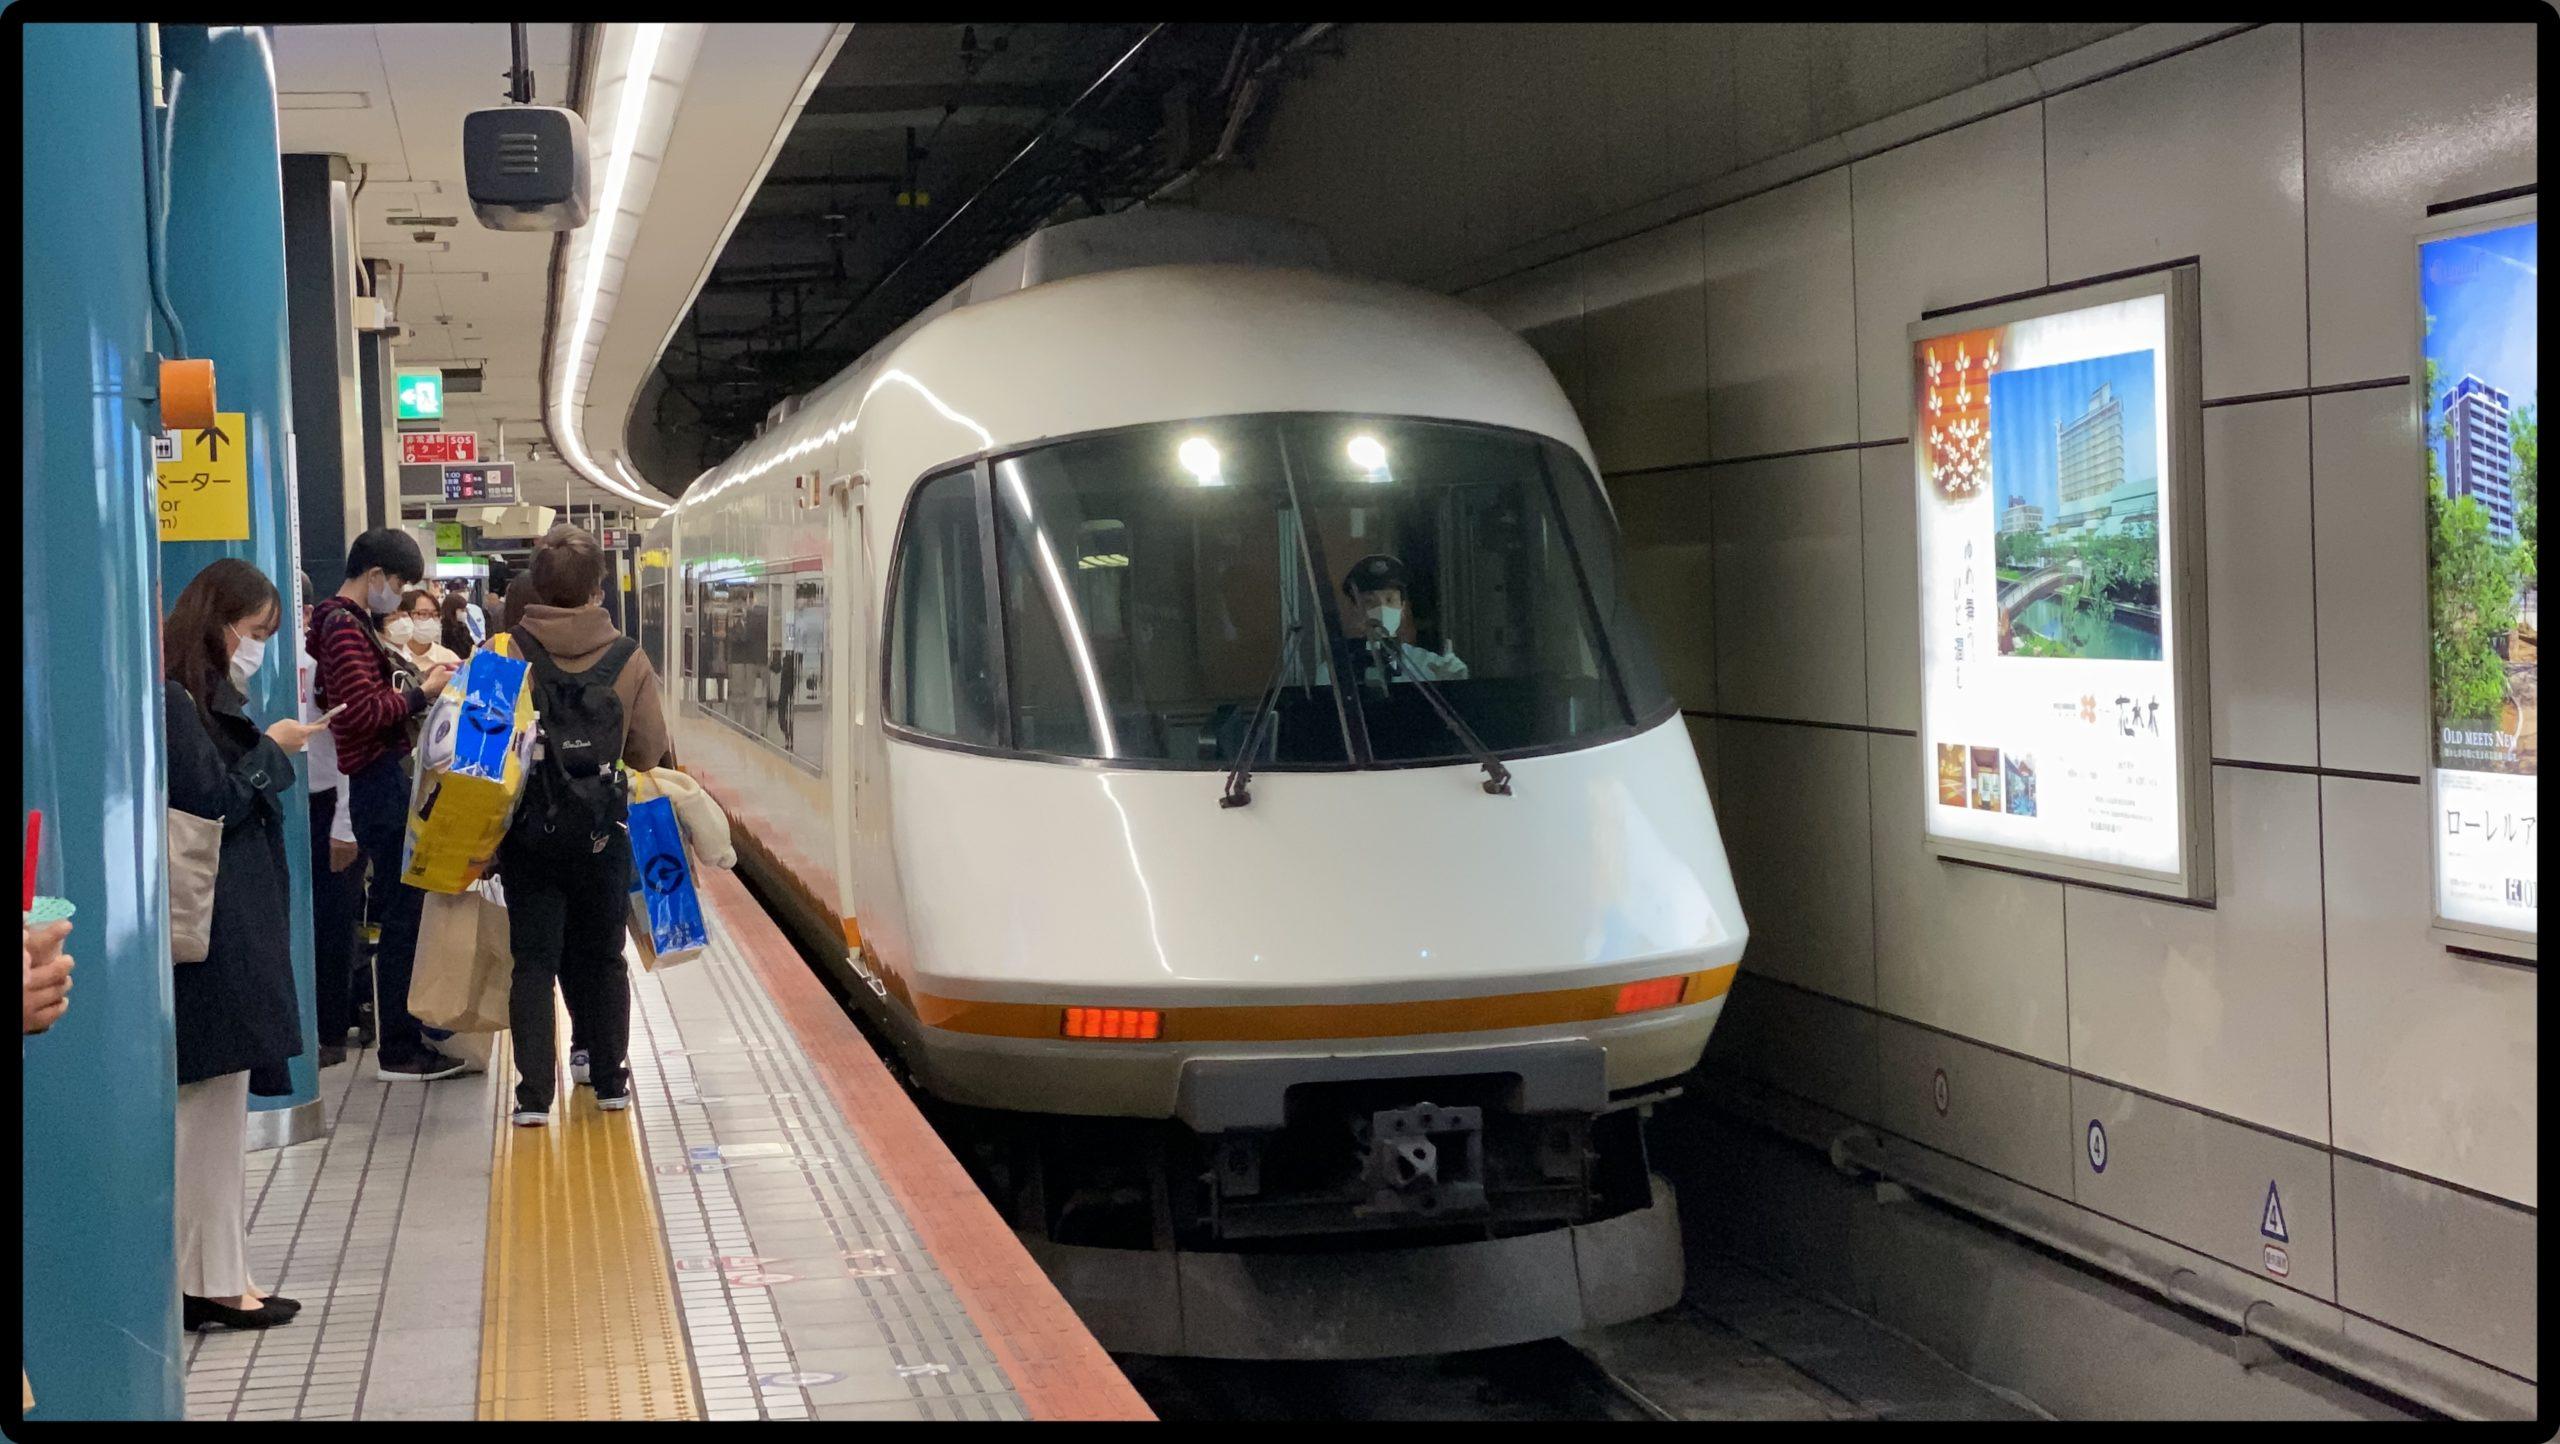 【近鉄】アーバンライナー「甲乙化け」名阪特急での運用が終了 ダイヤ改正で